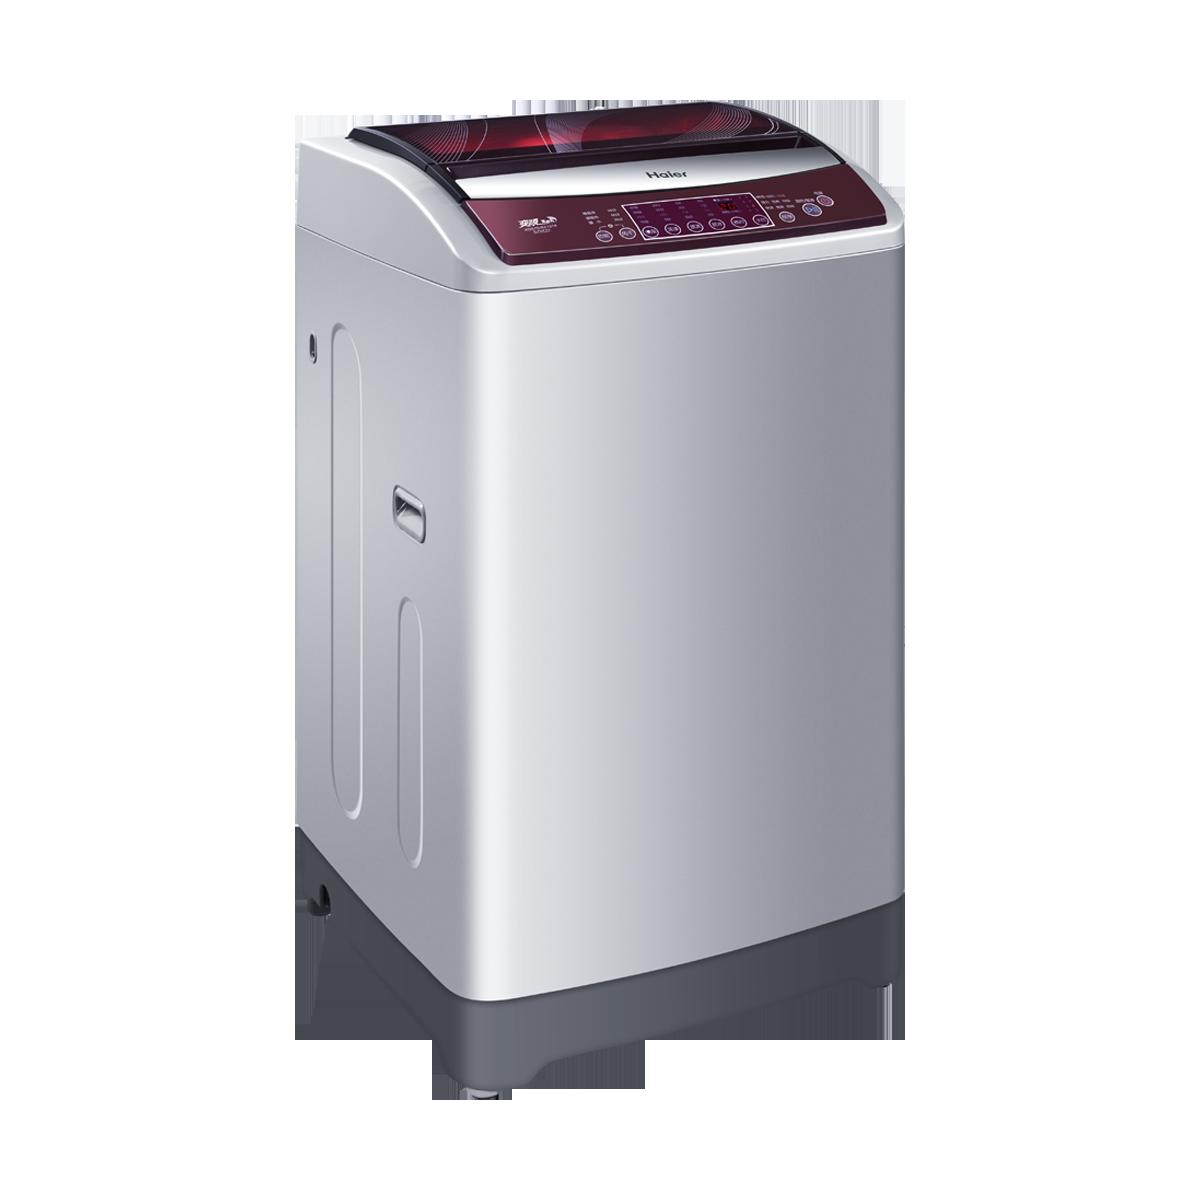 海尔波轮洗衣机 xqs75-bz1218